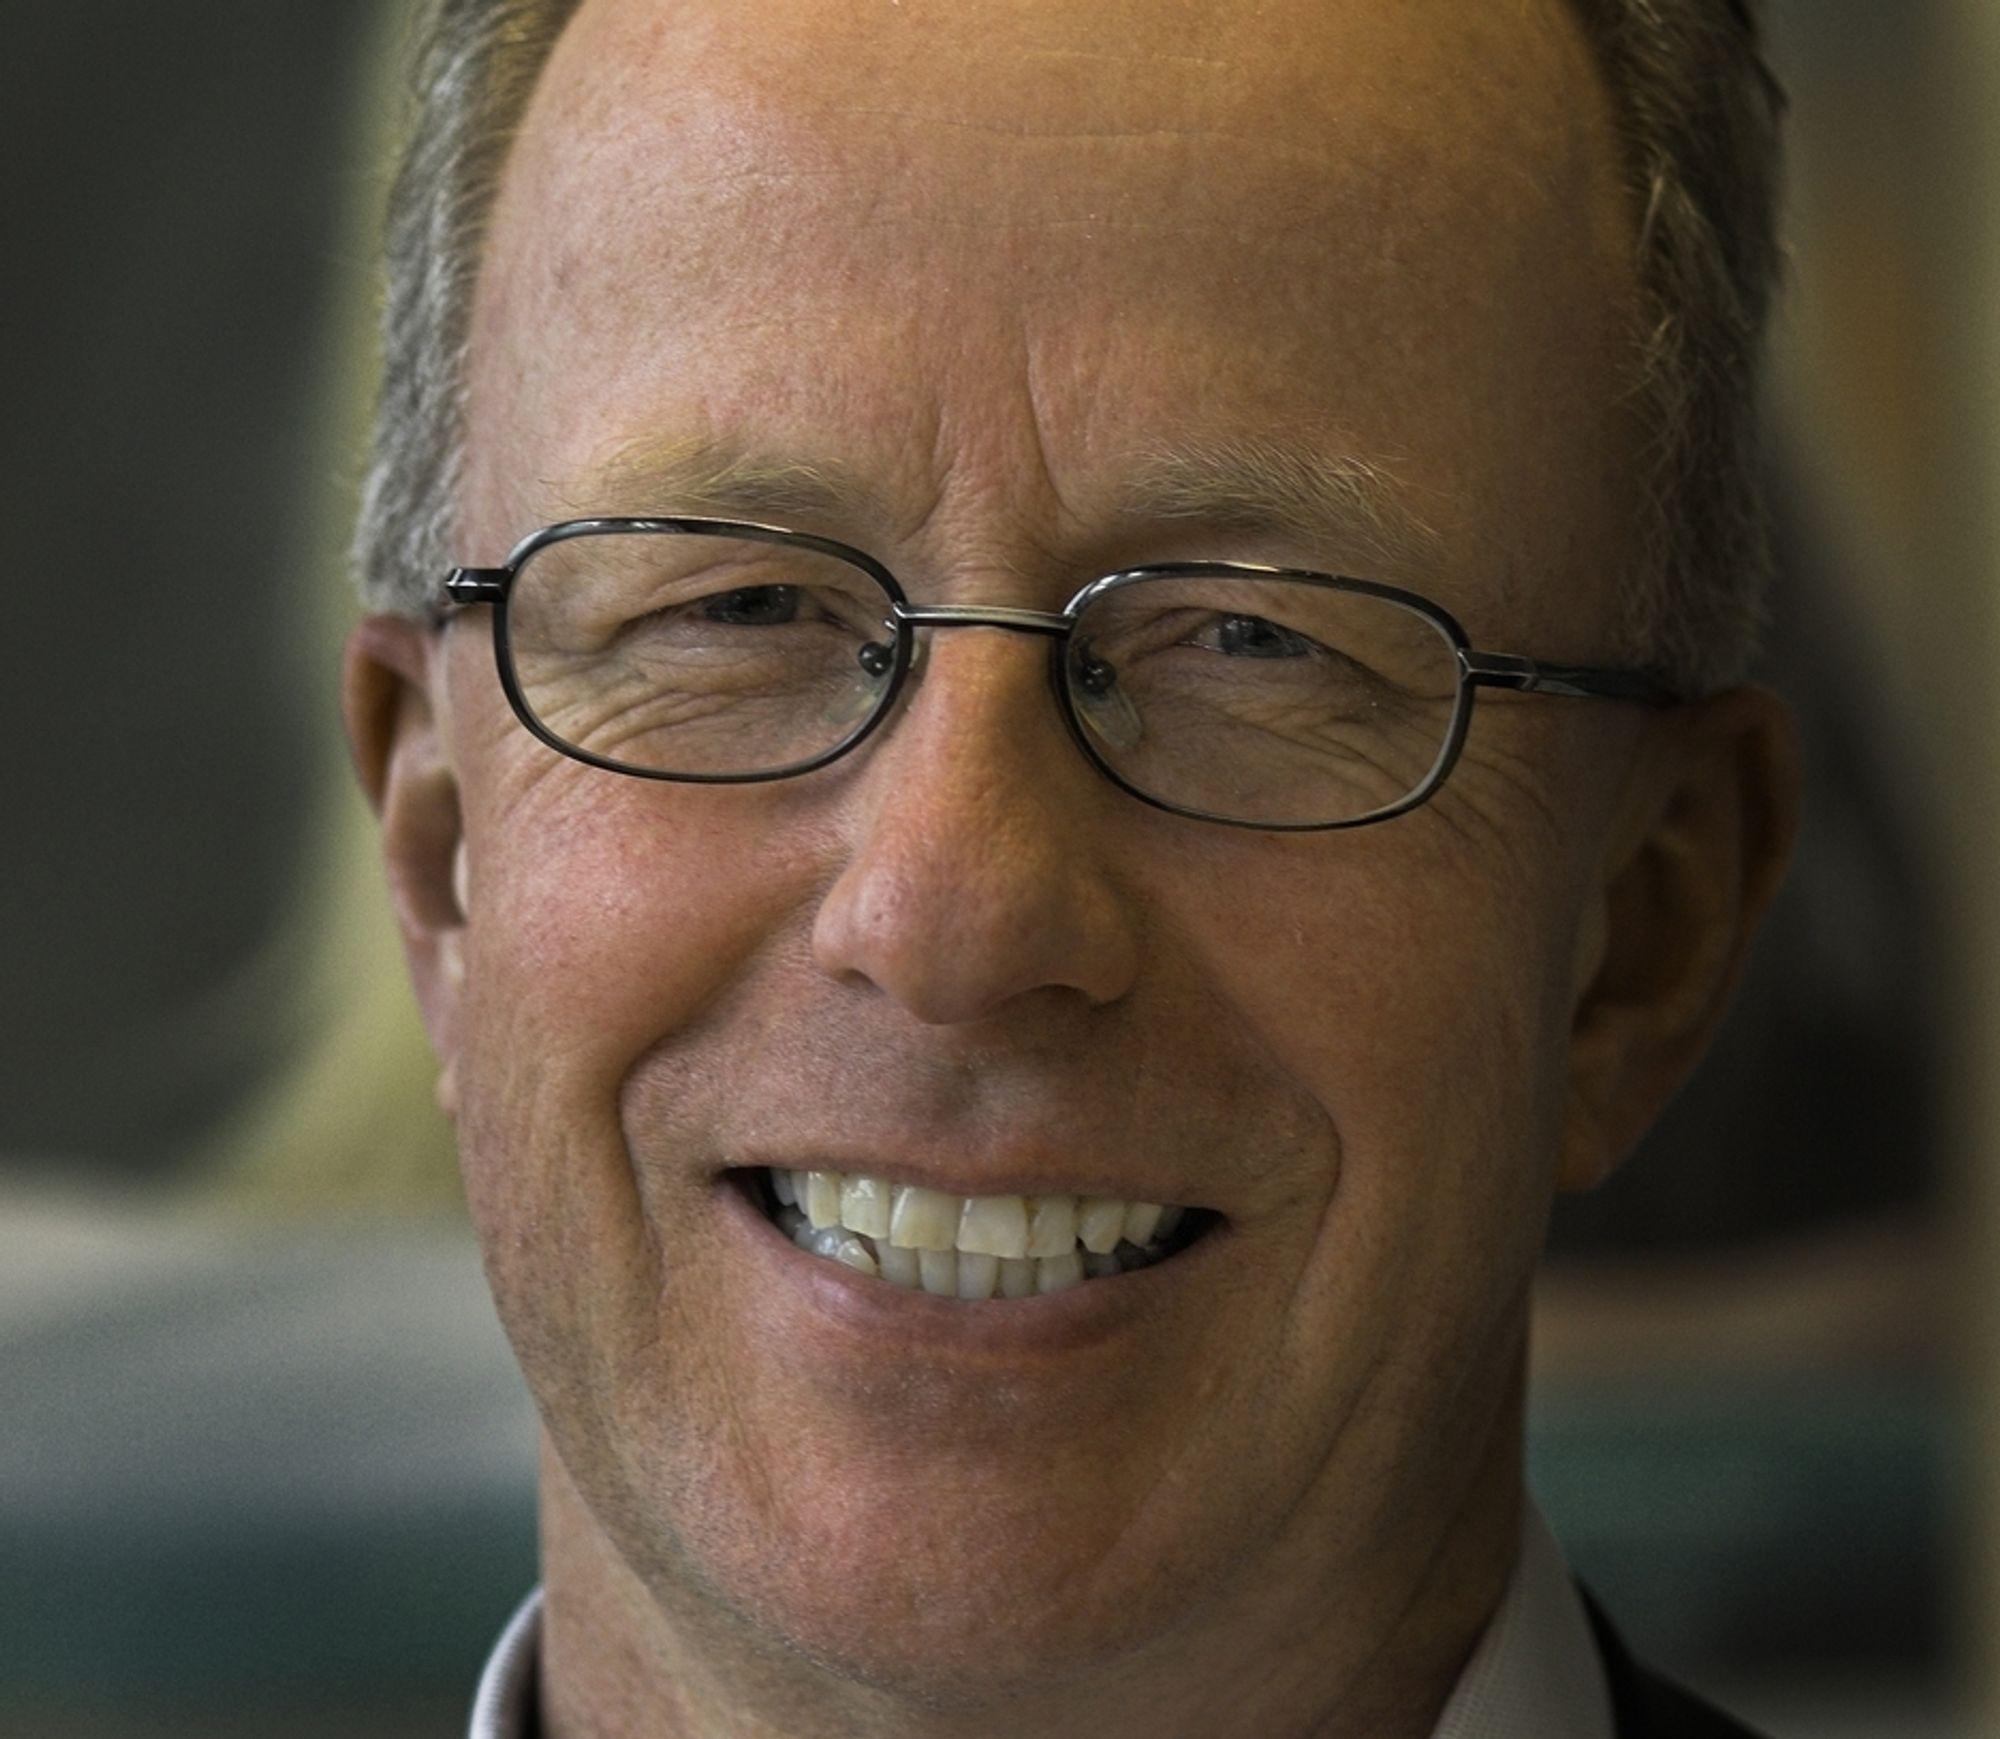 RYDDEGUTT: Jan Eigil Rydningens første store oppgave blir å bygge opp omdømmet til Fujitsu Siemens Computers norske virksomhet. Selskapet har fått seg en knekk etter at de var innblandet i korrupsjonssaken med Forsvaret.